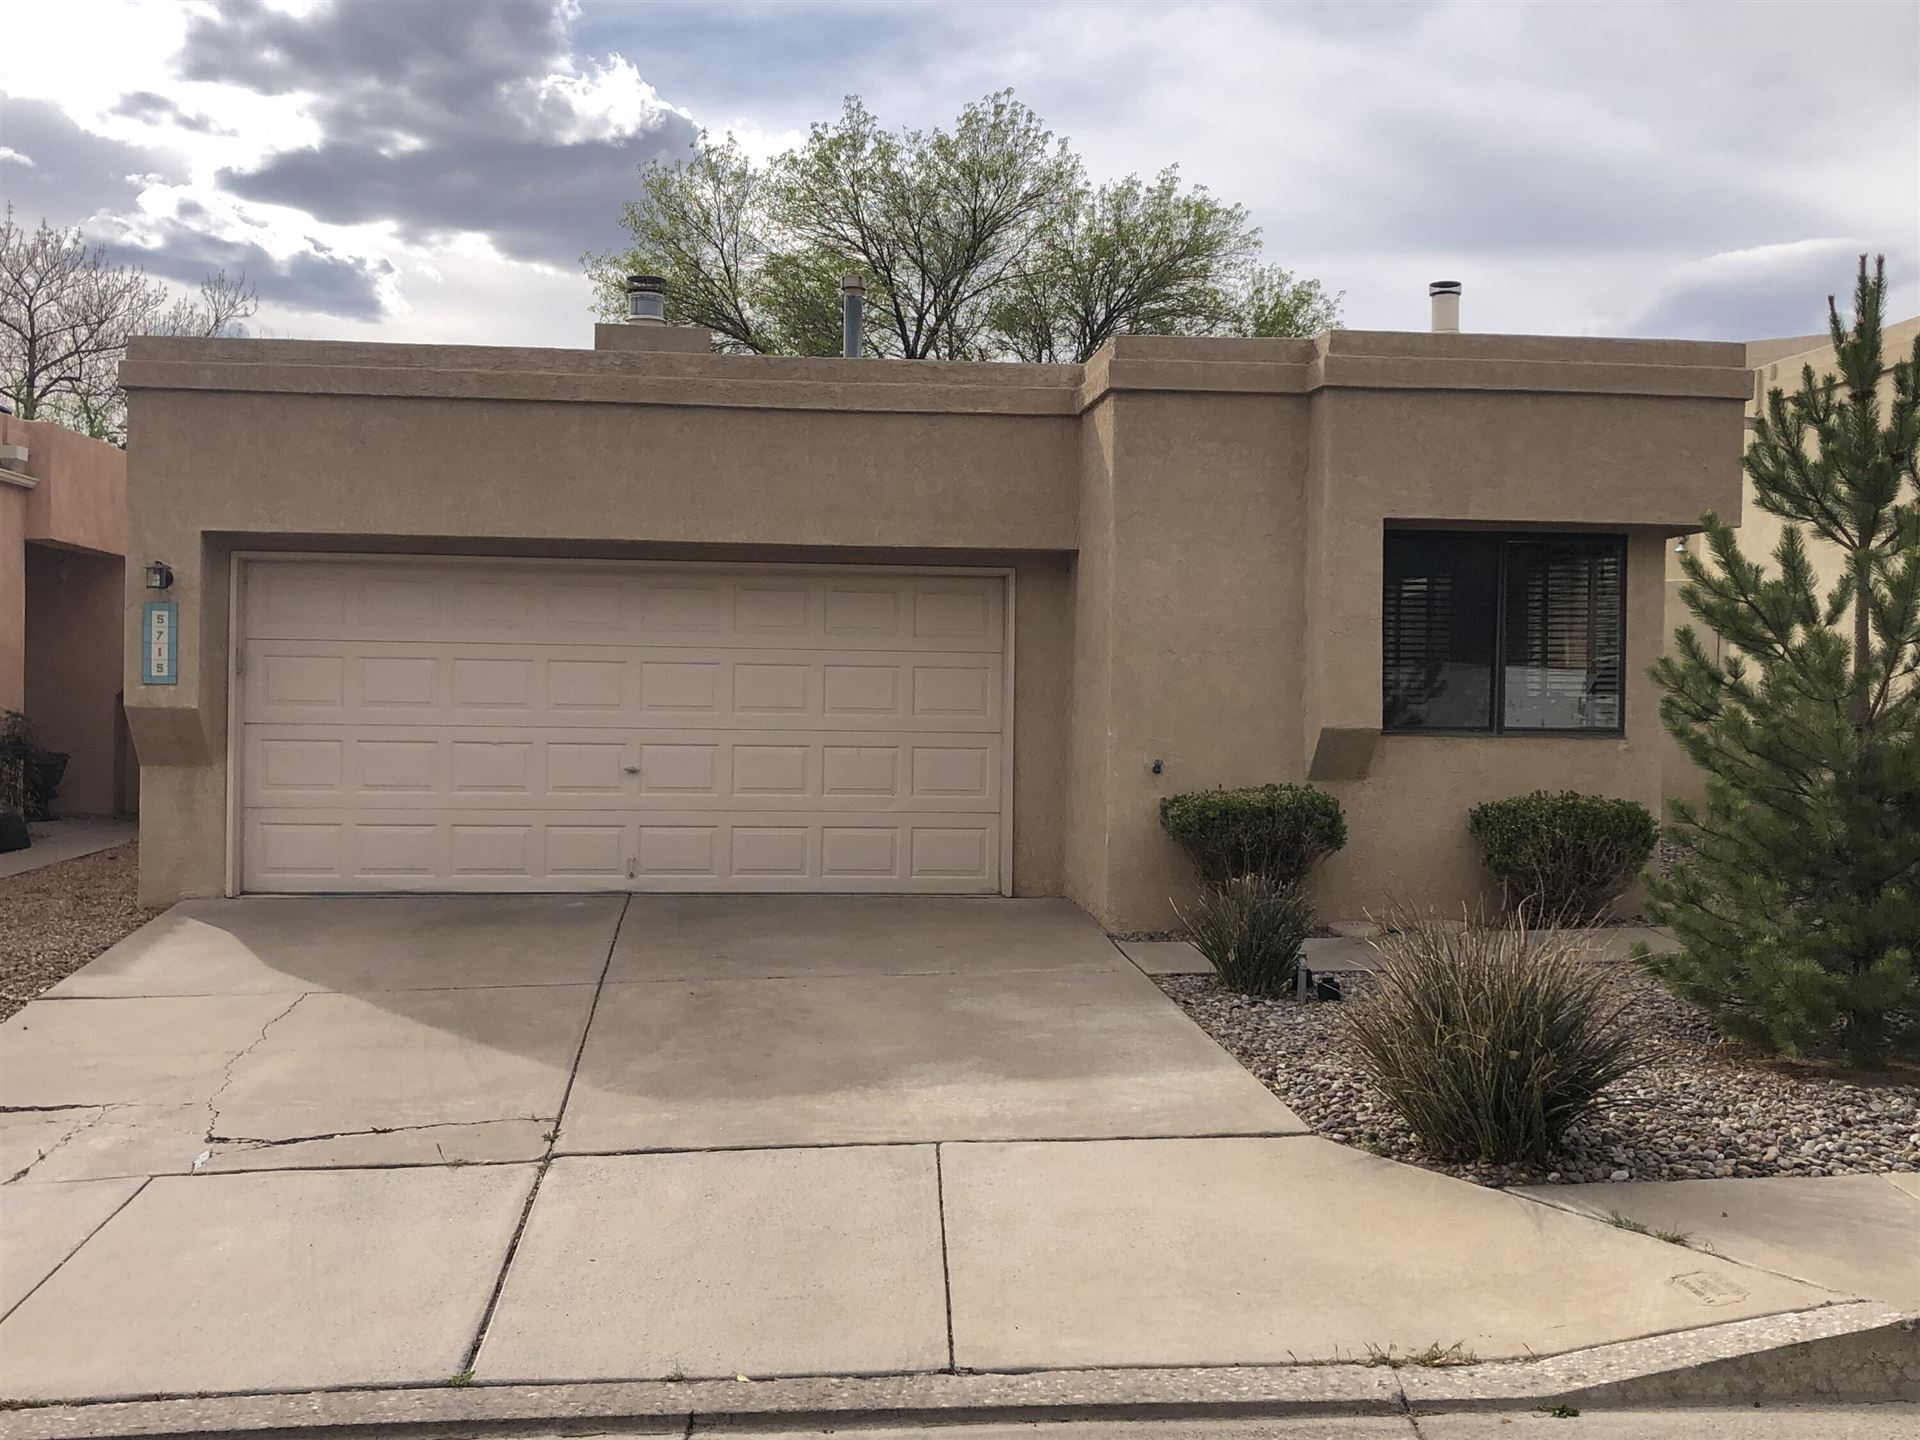 Photo of 5715 BURNHAMWOOD Place NE, Albuquerque, NM 87111 (MLS # 989892)